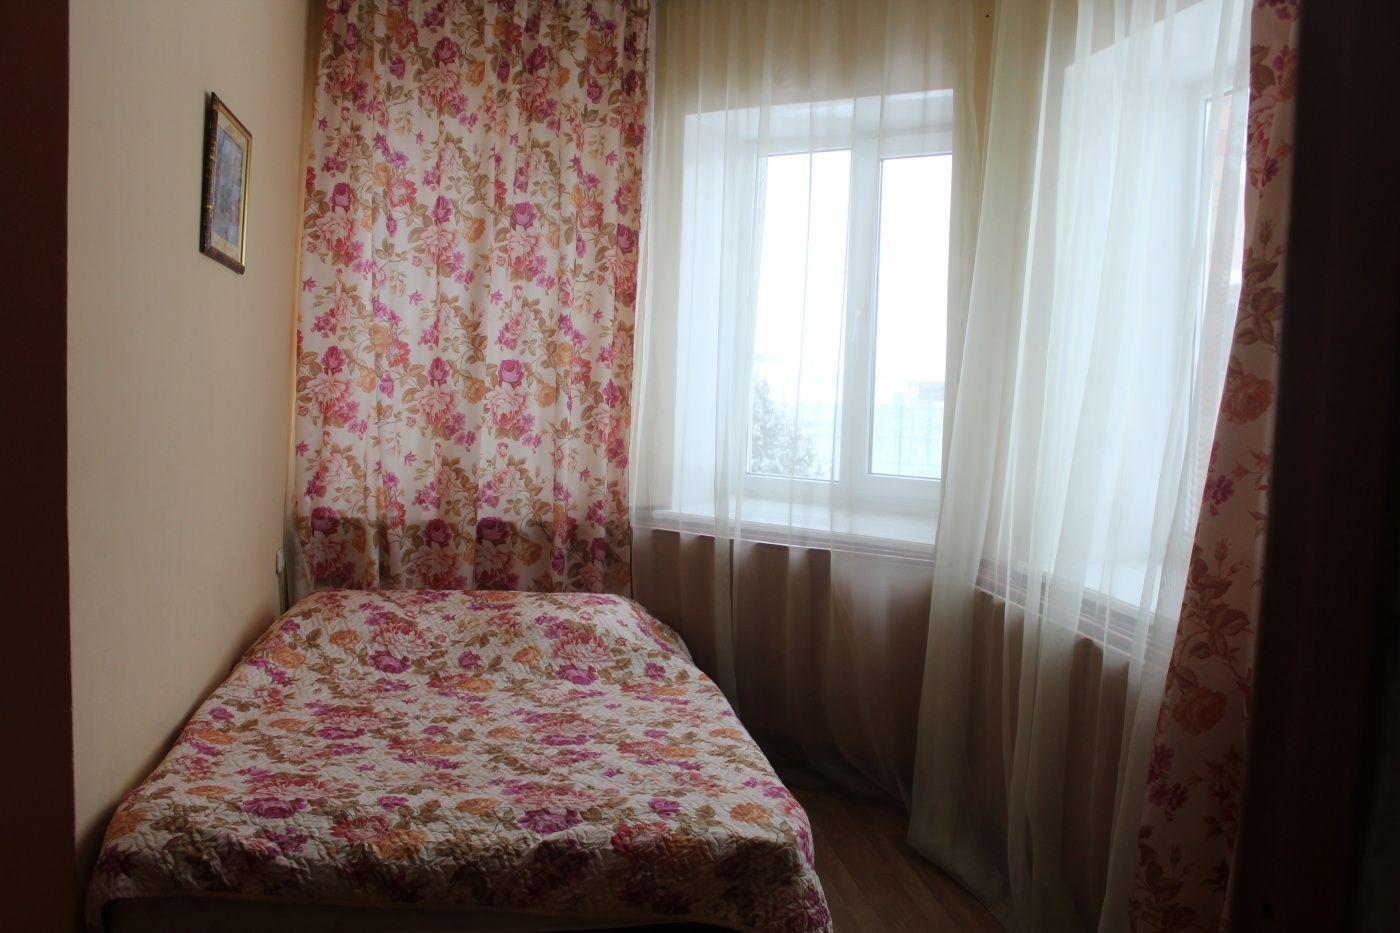 Коттеджный комплекс «Шиболово-Горки» Московская область Коттедж 10-местный (№ 1, 4), фото 6